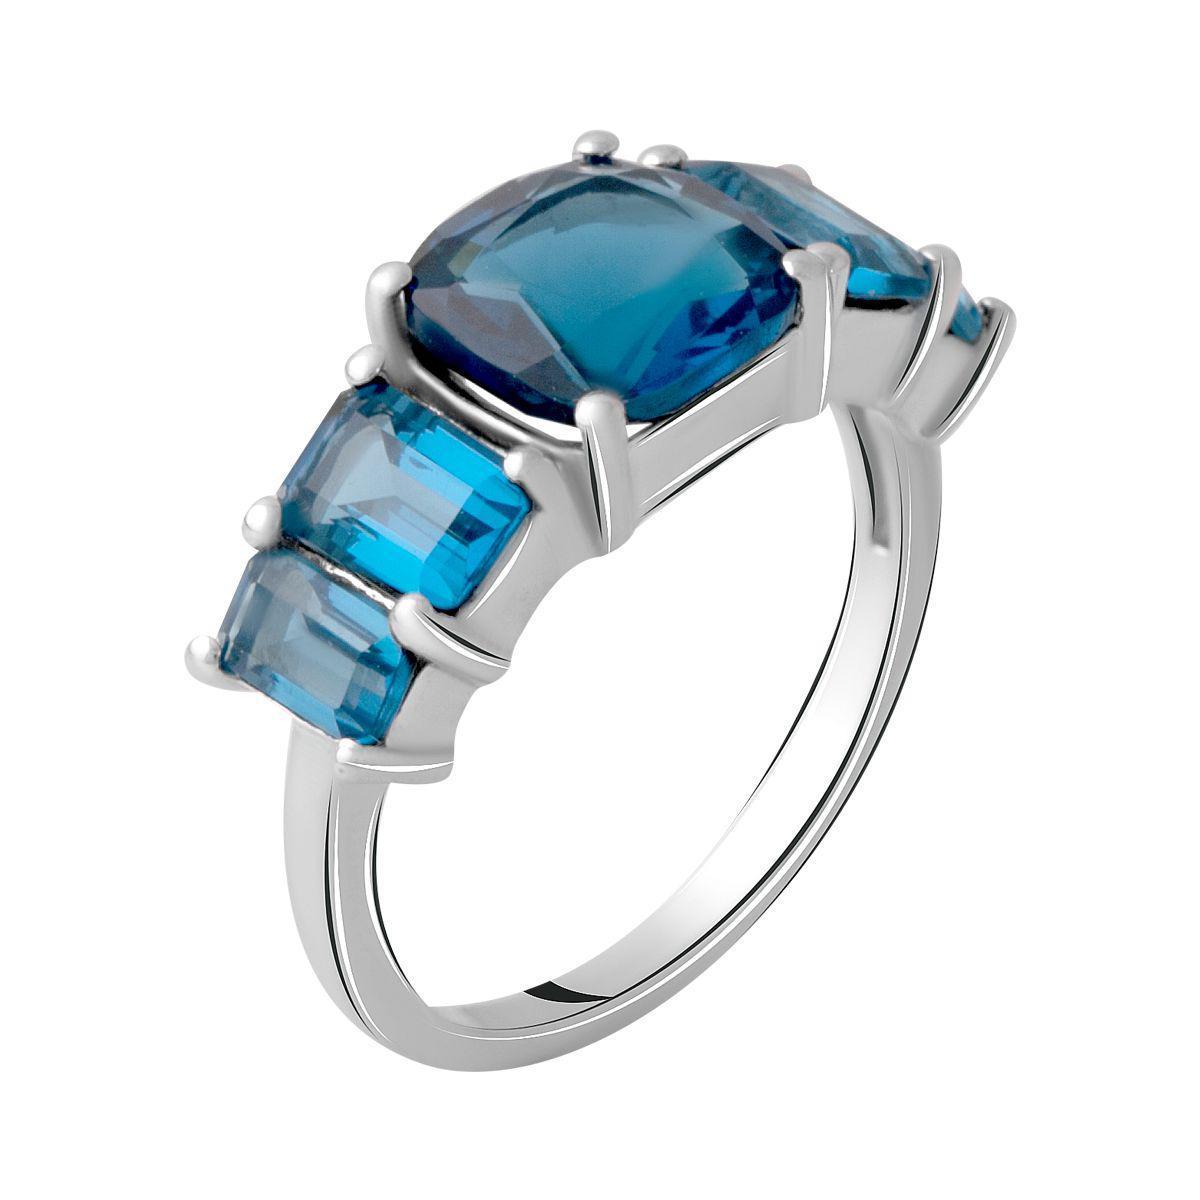 Серебряное кольцо pSilverAlex с натуральным топазом Лондон Блю 3.35ct (2062462) 18 размер